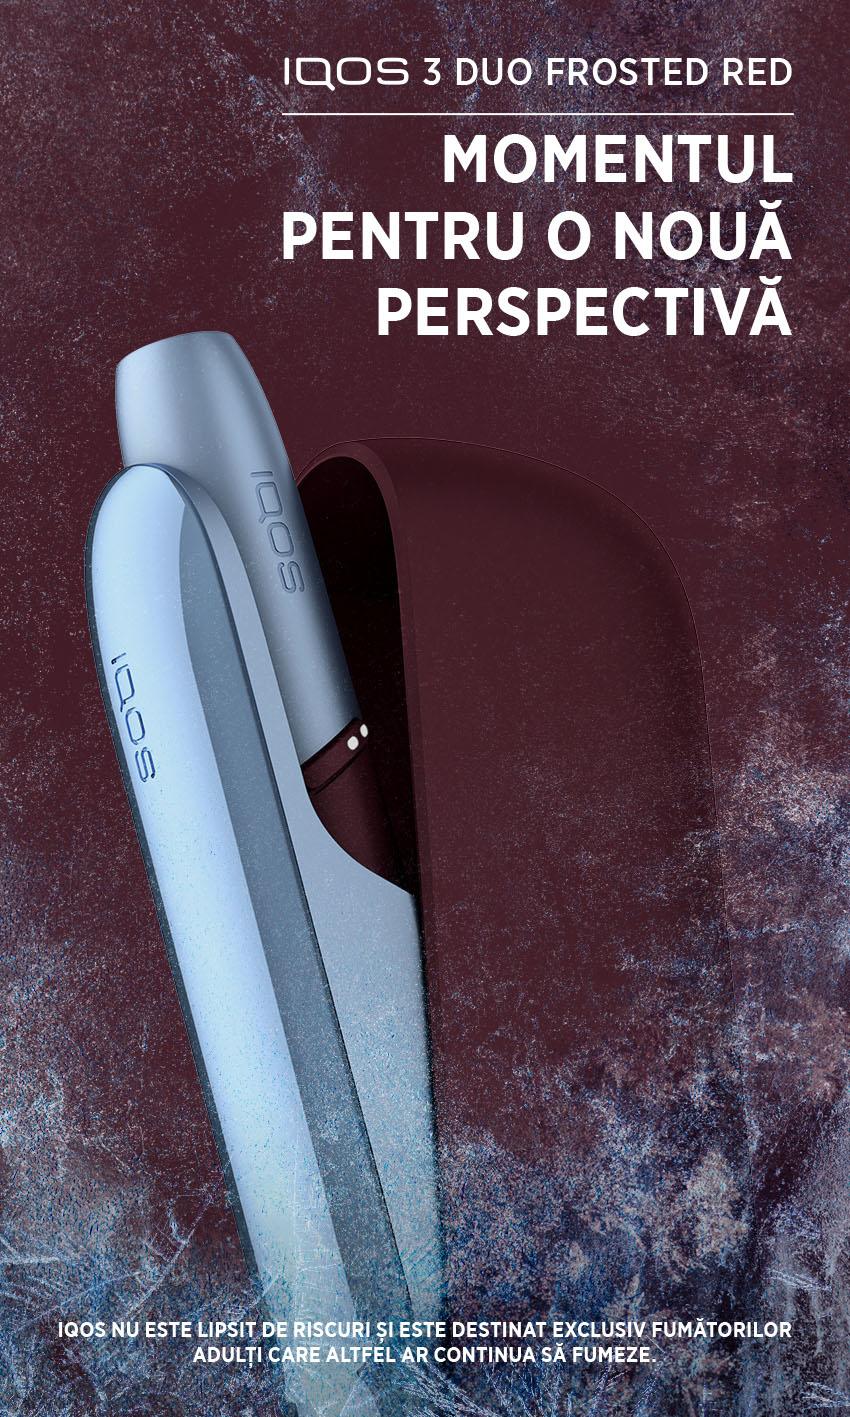 IQOS lansează un nou dispozitiv în ediție limitată, IQOS 3 DUO Frosted Red